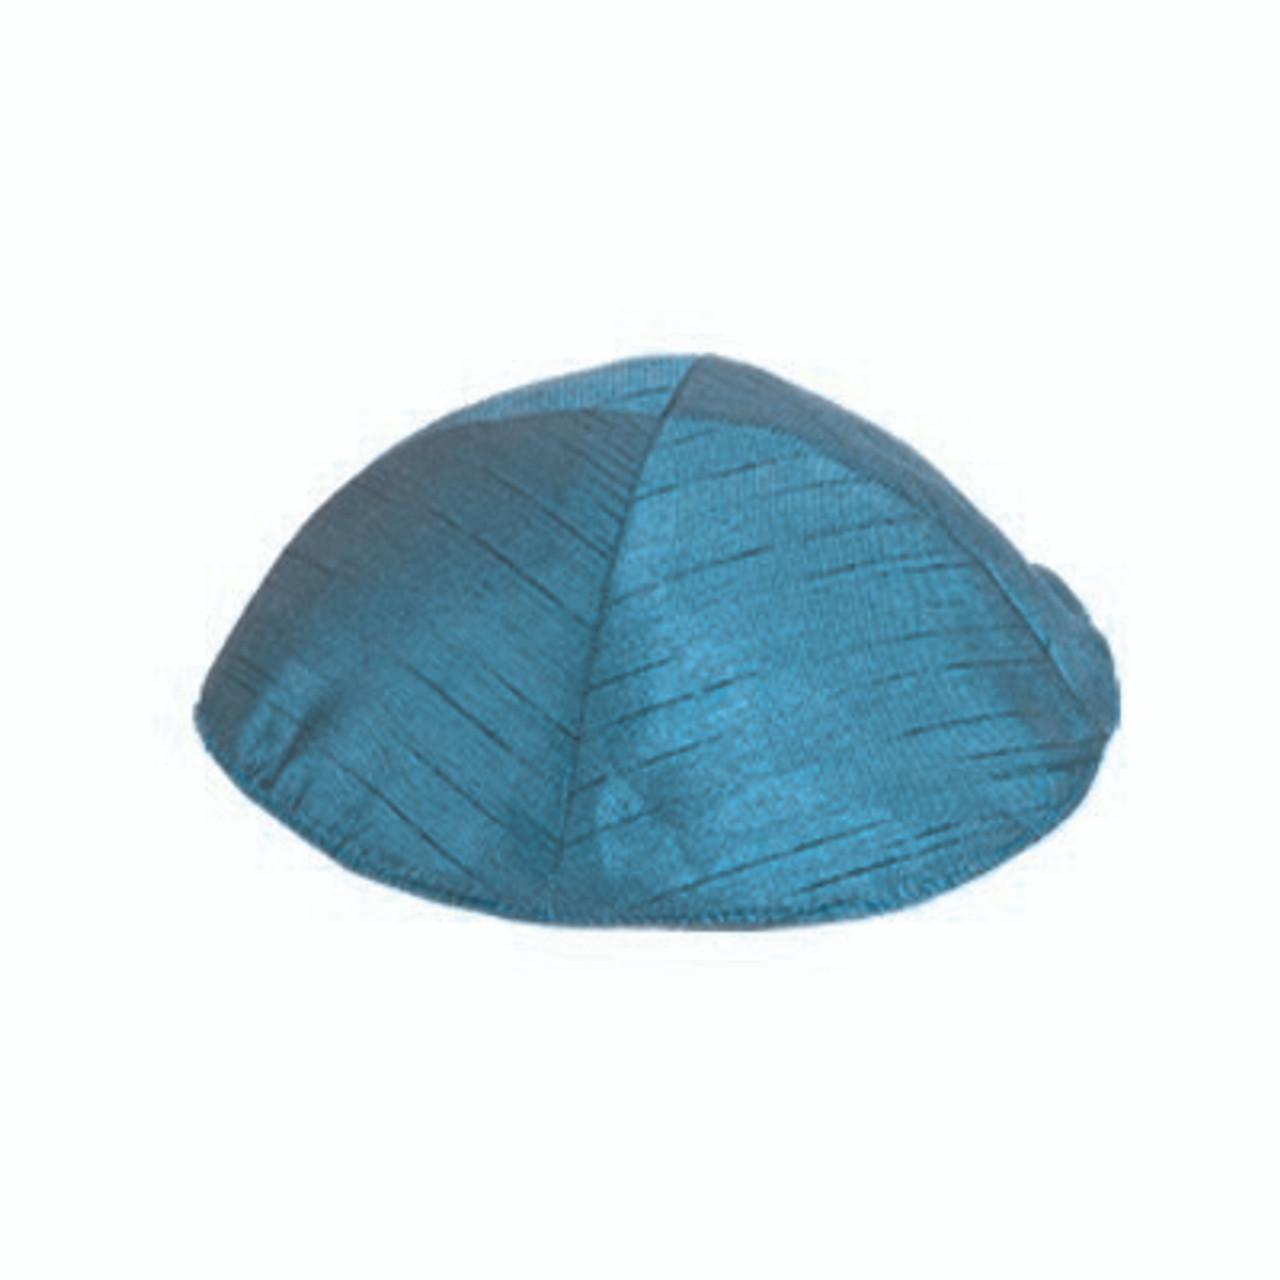 Aqua PolySilk Kippah